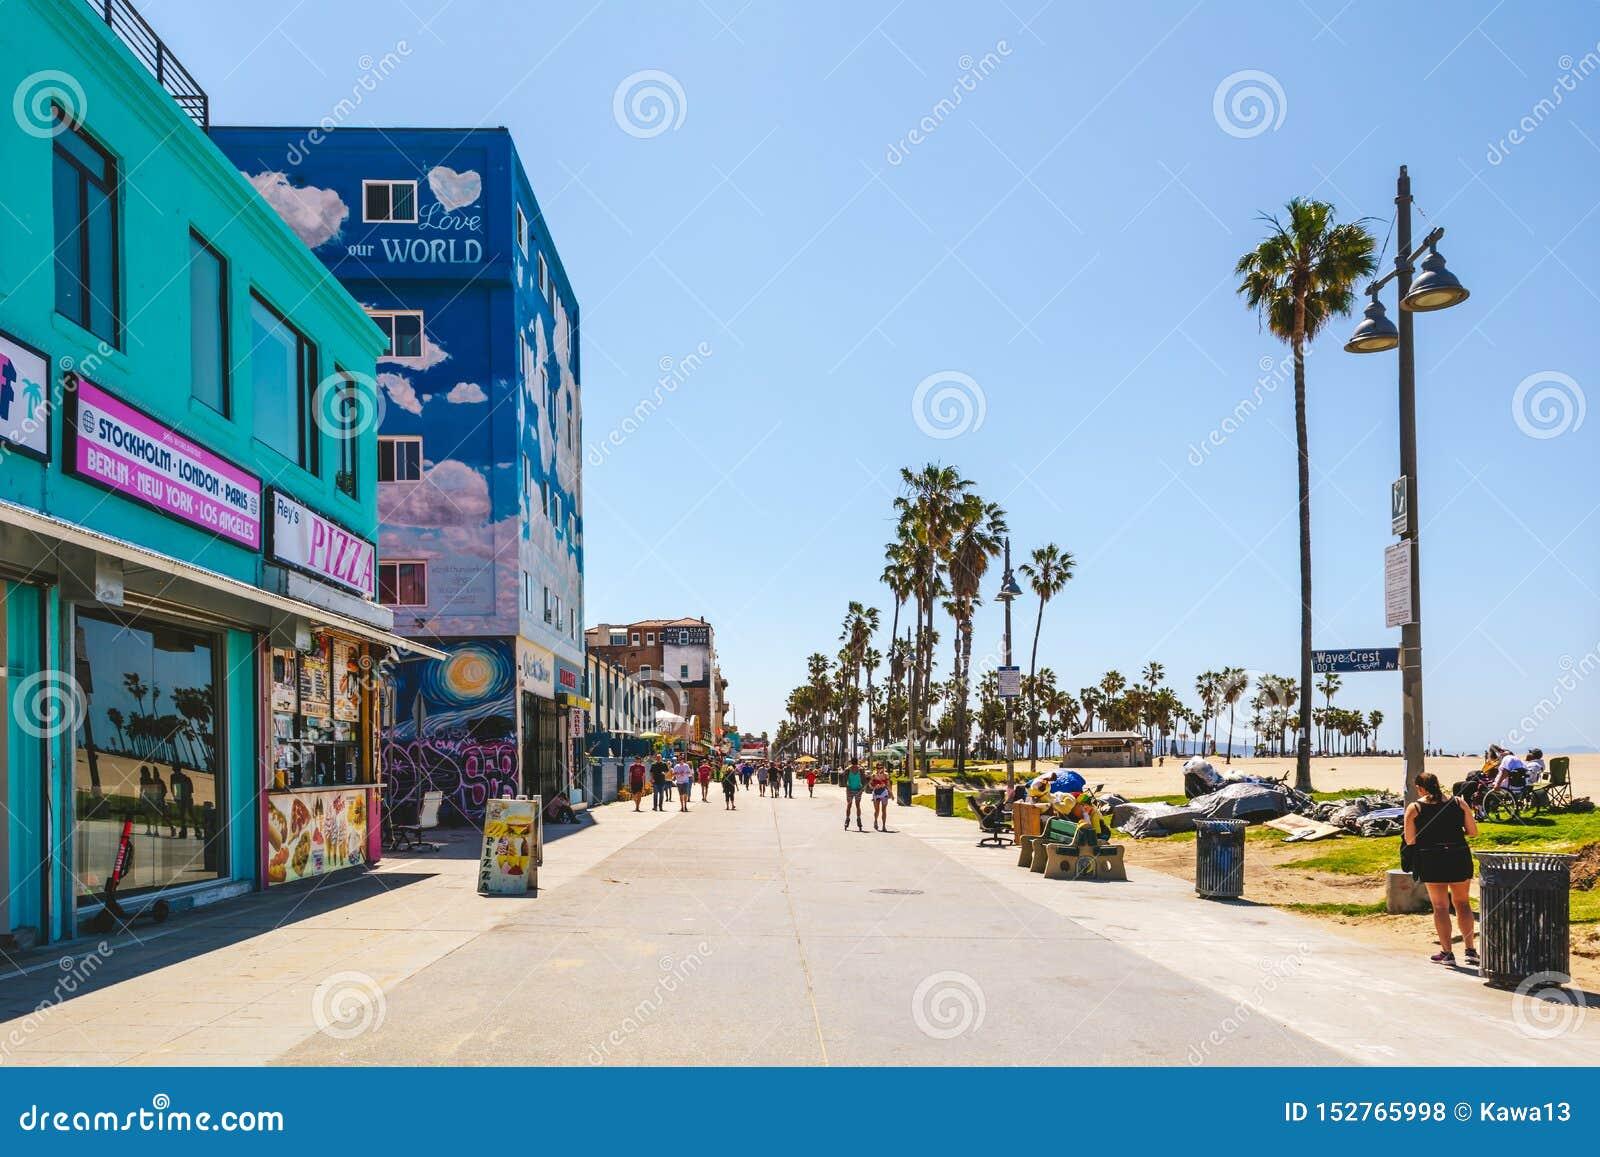 Venice Beach kust- område med exklusiv shopping